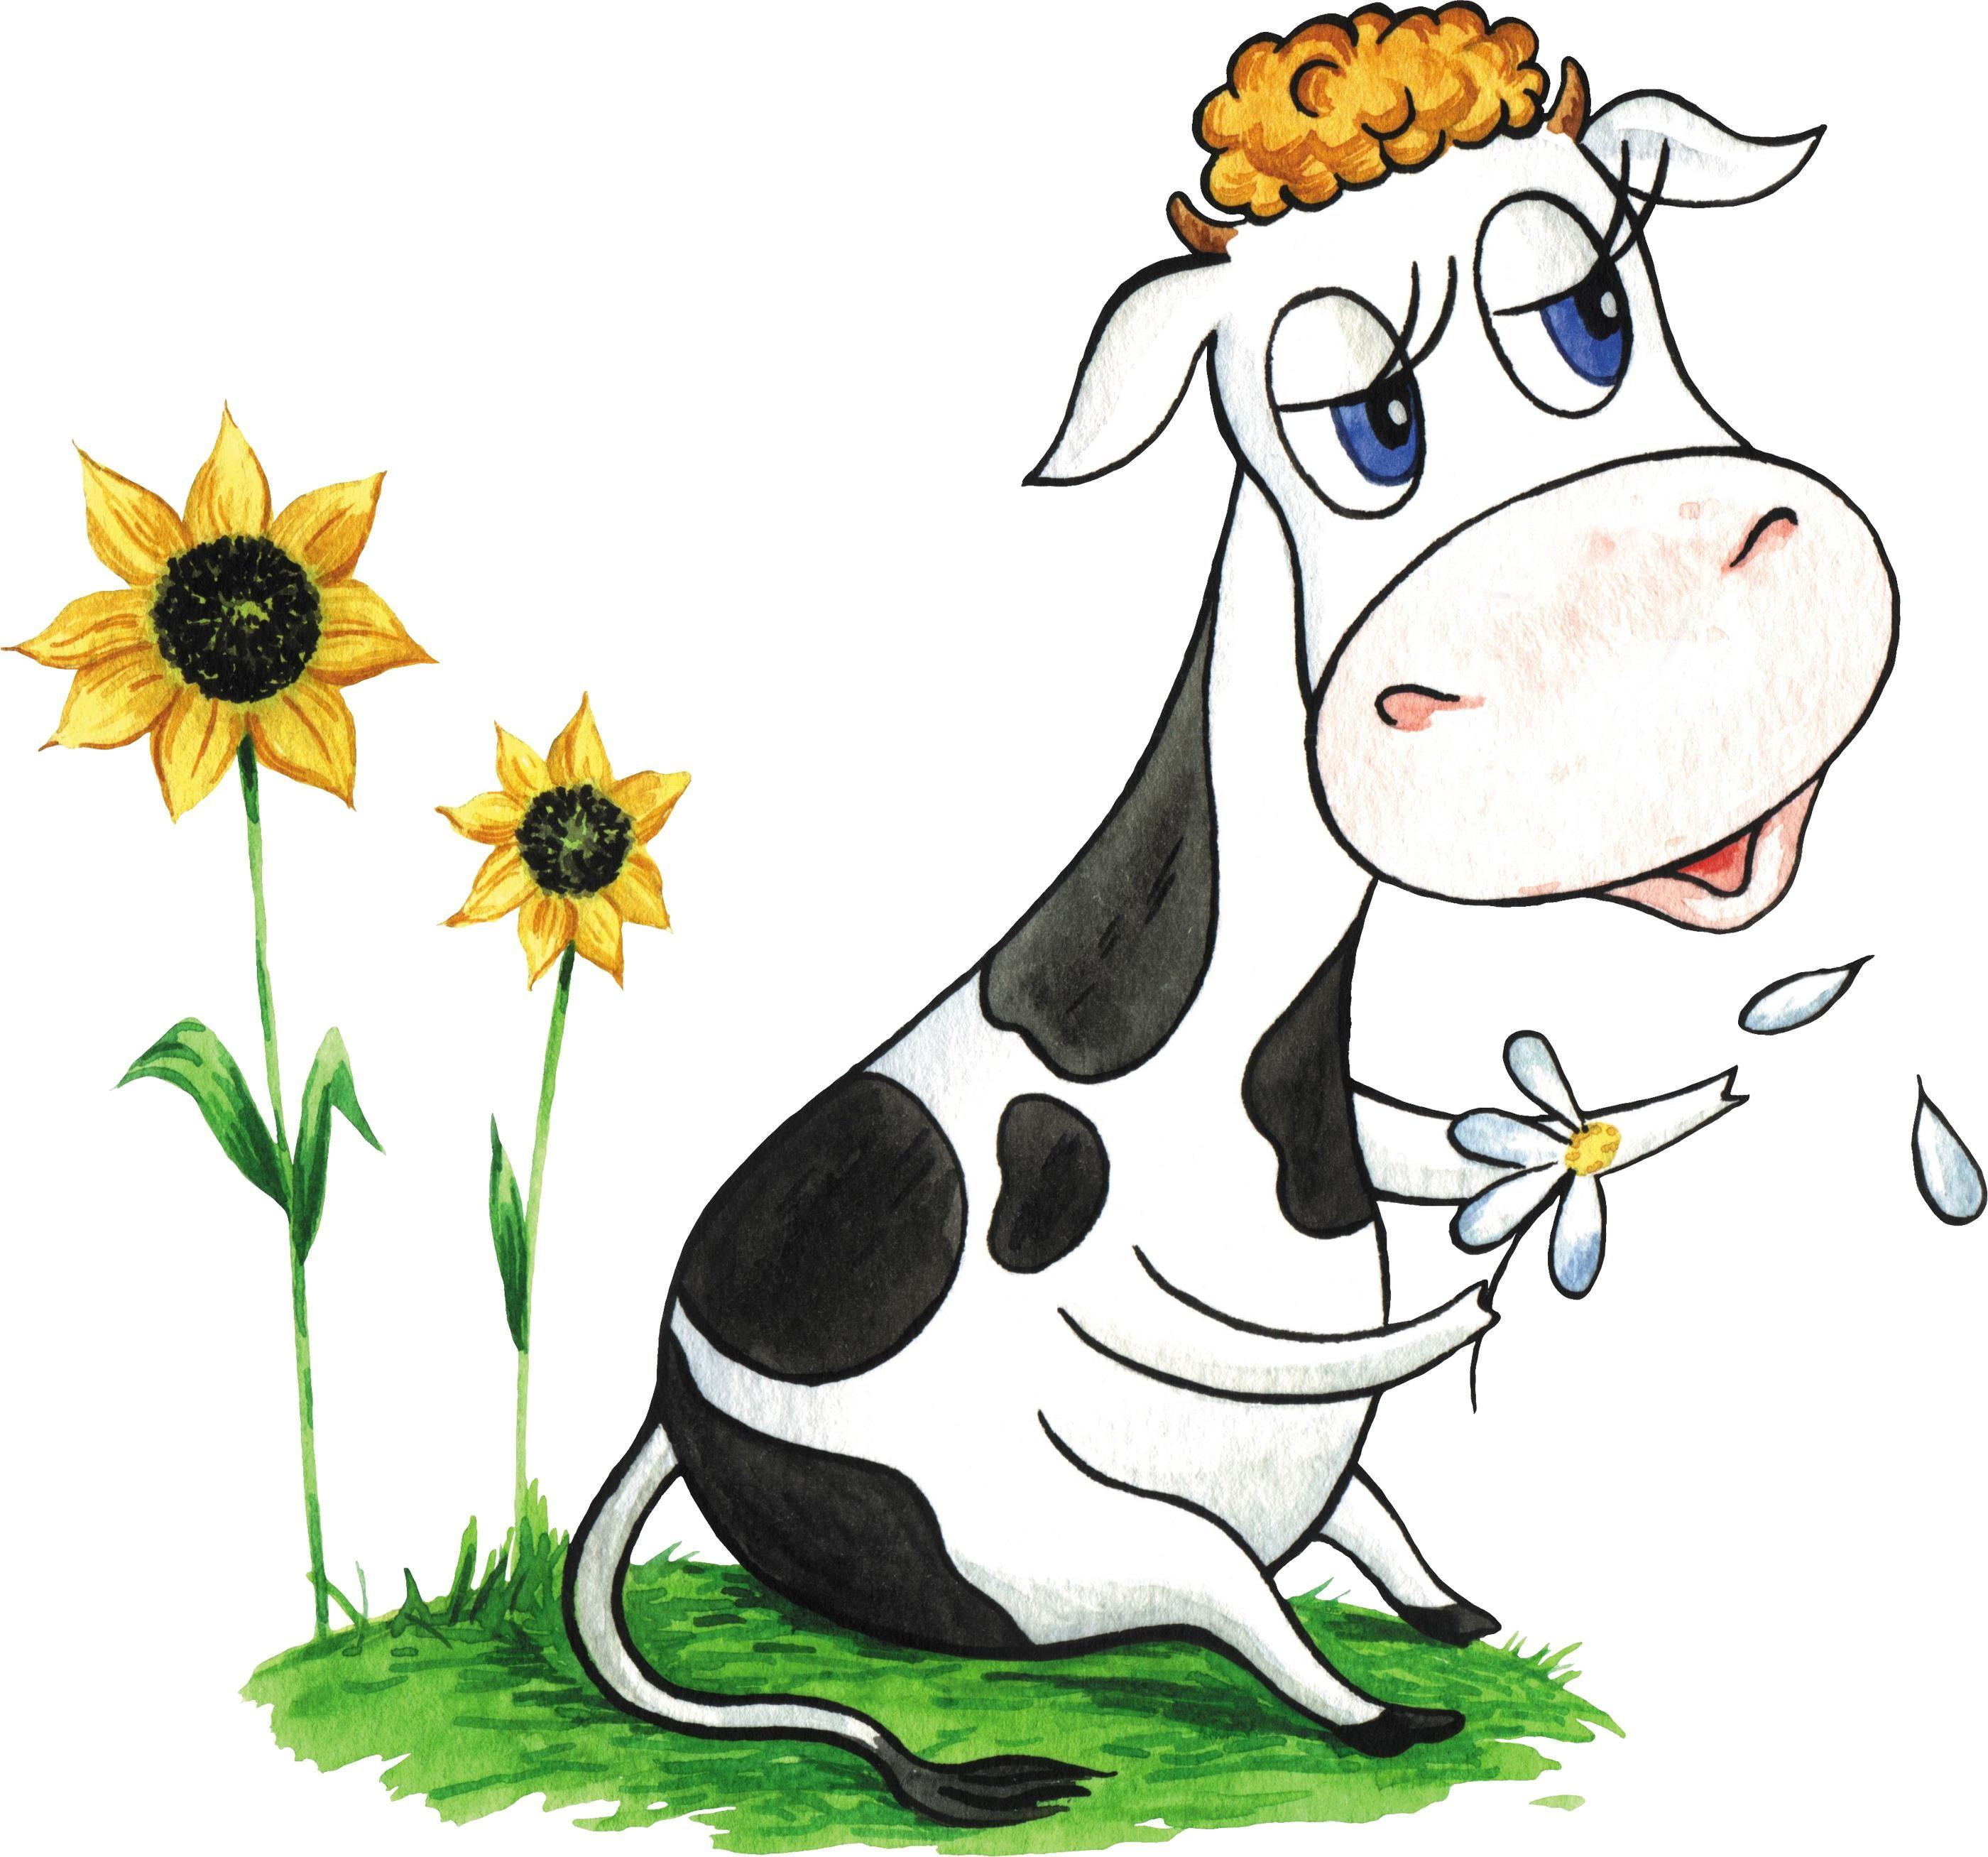 Рисунок коровы прикольный, про училку смешные